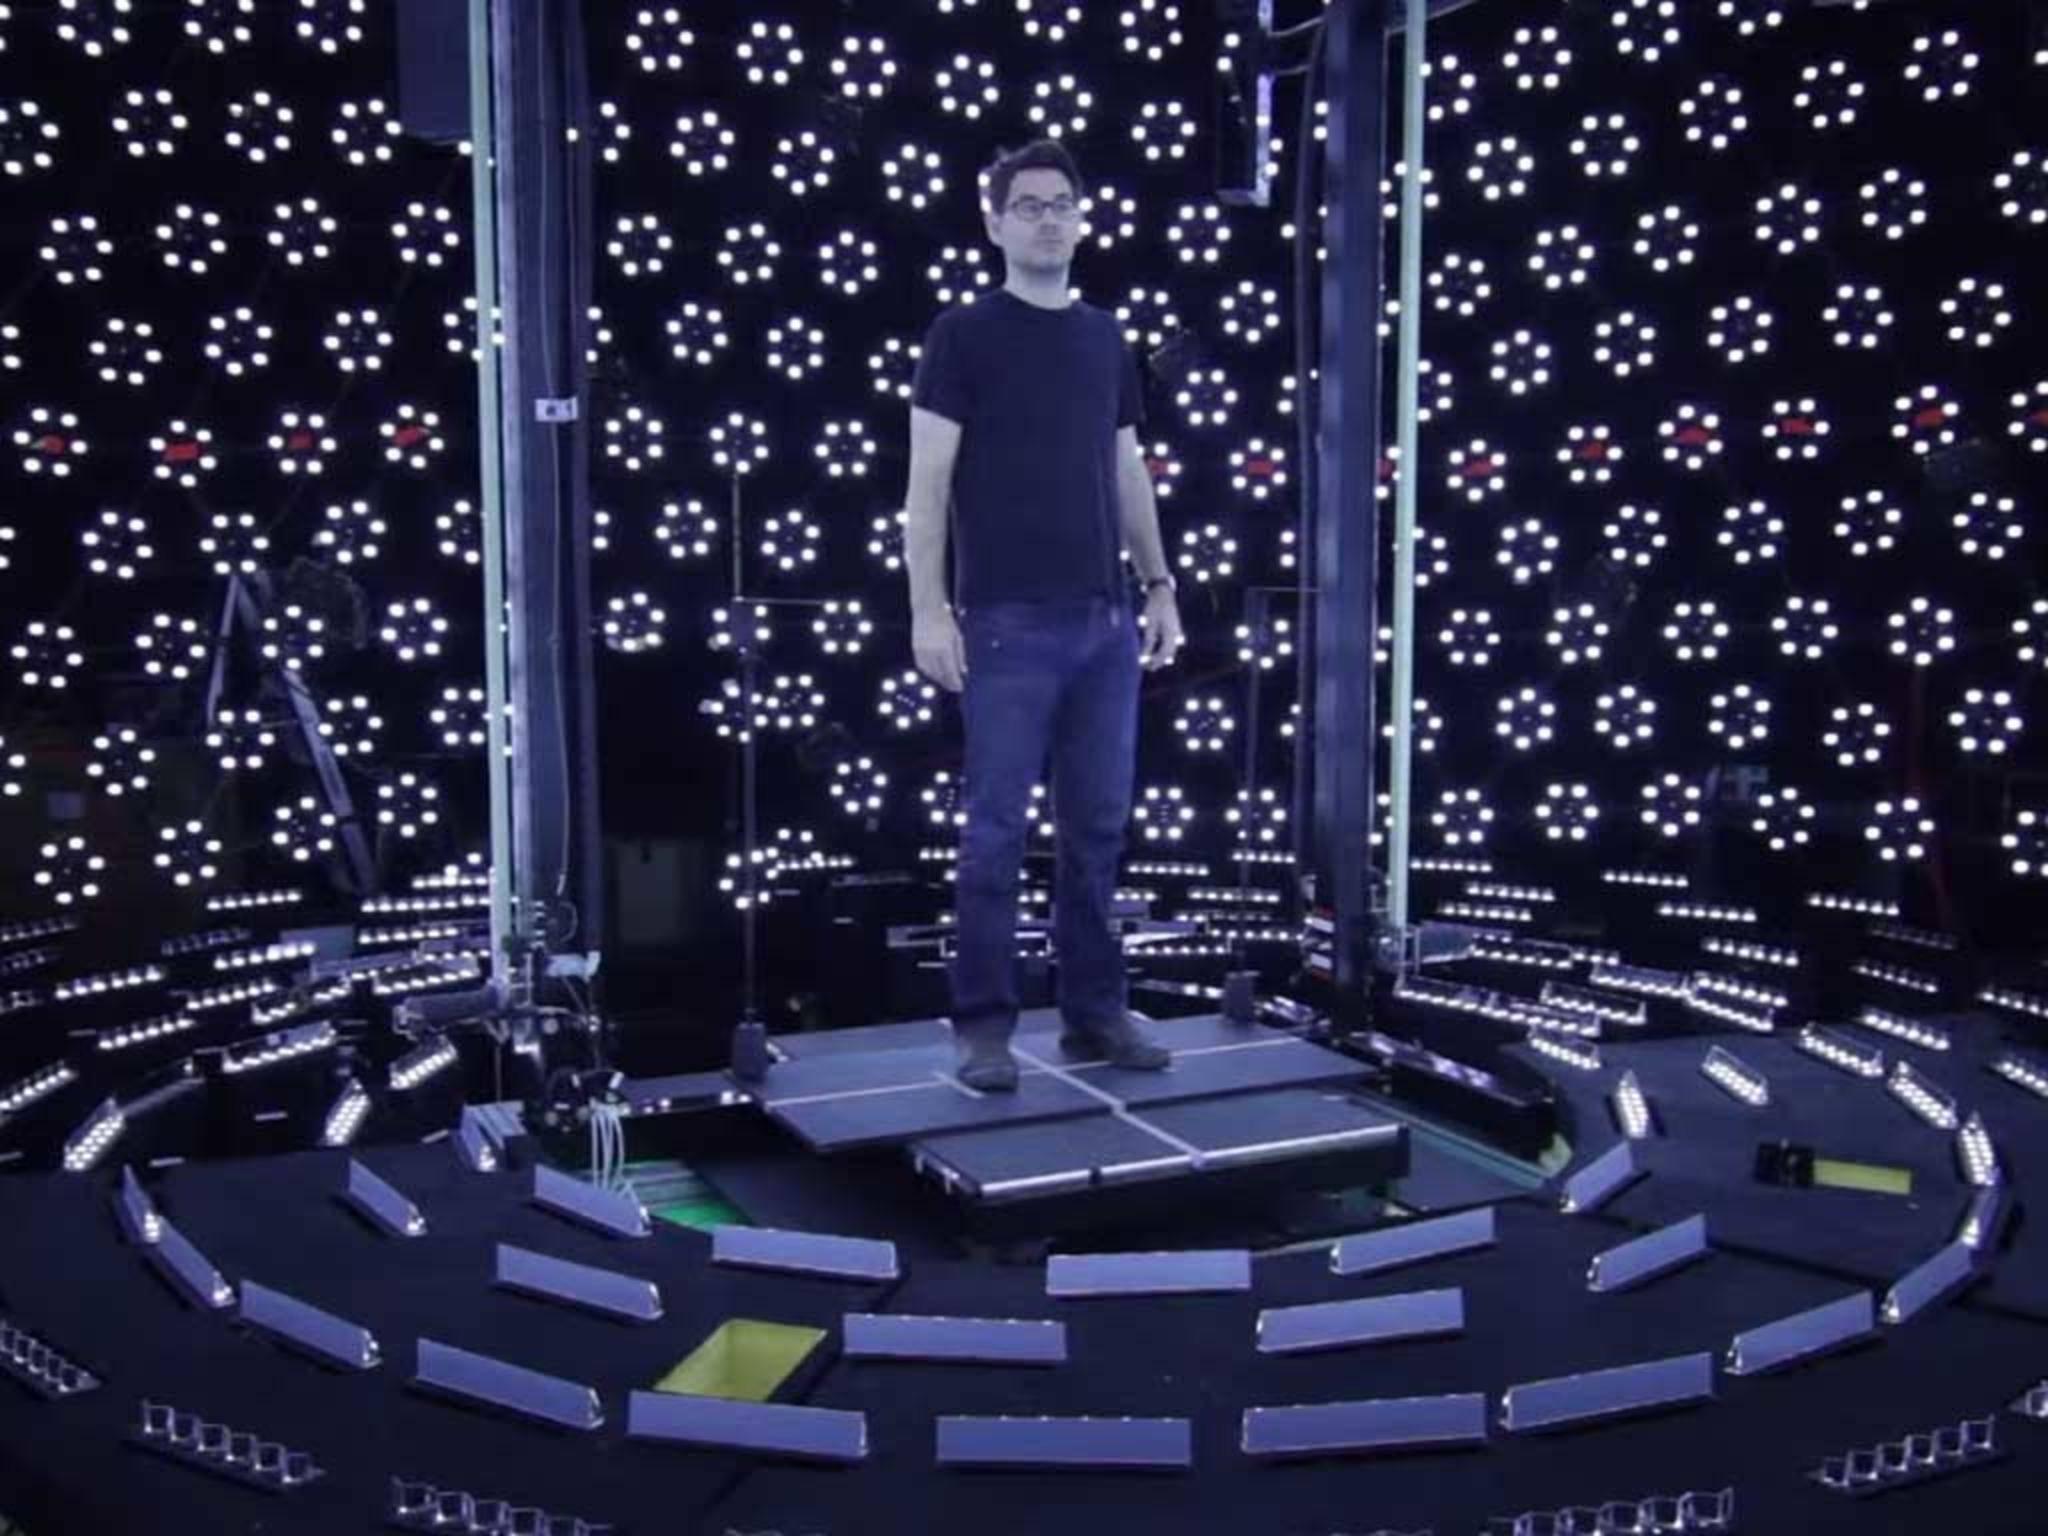 Um das Display sind über 200 Projektoren angeordnet.